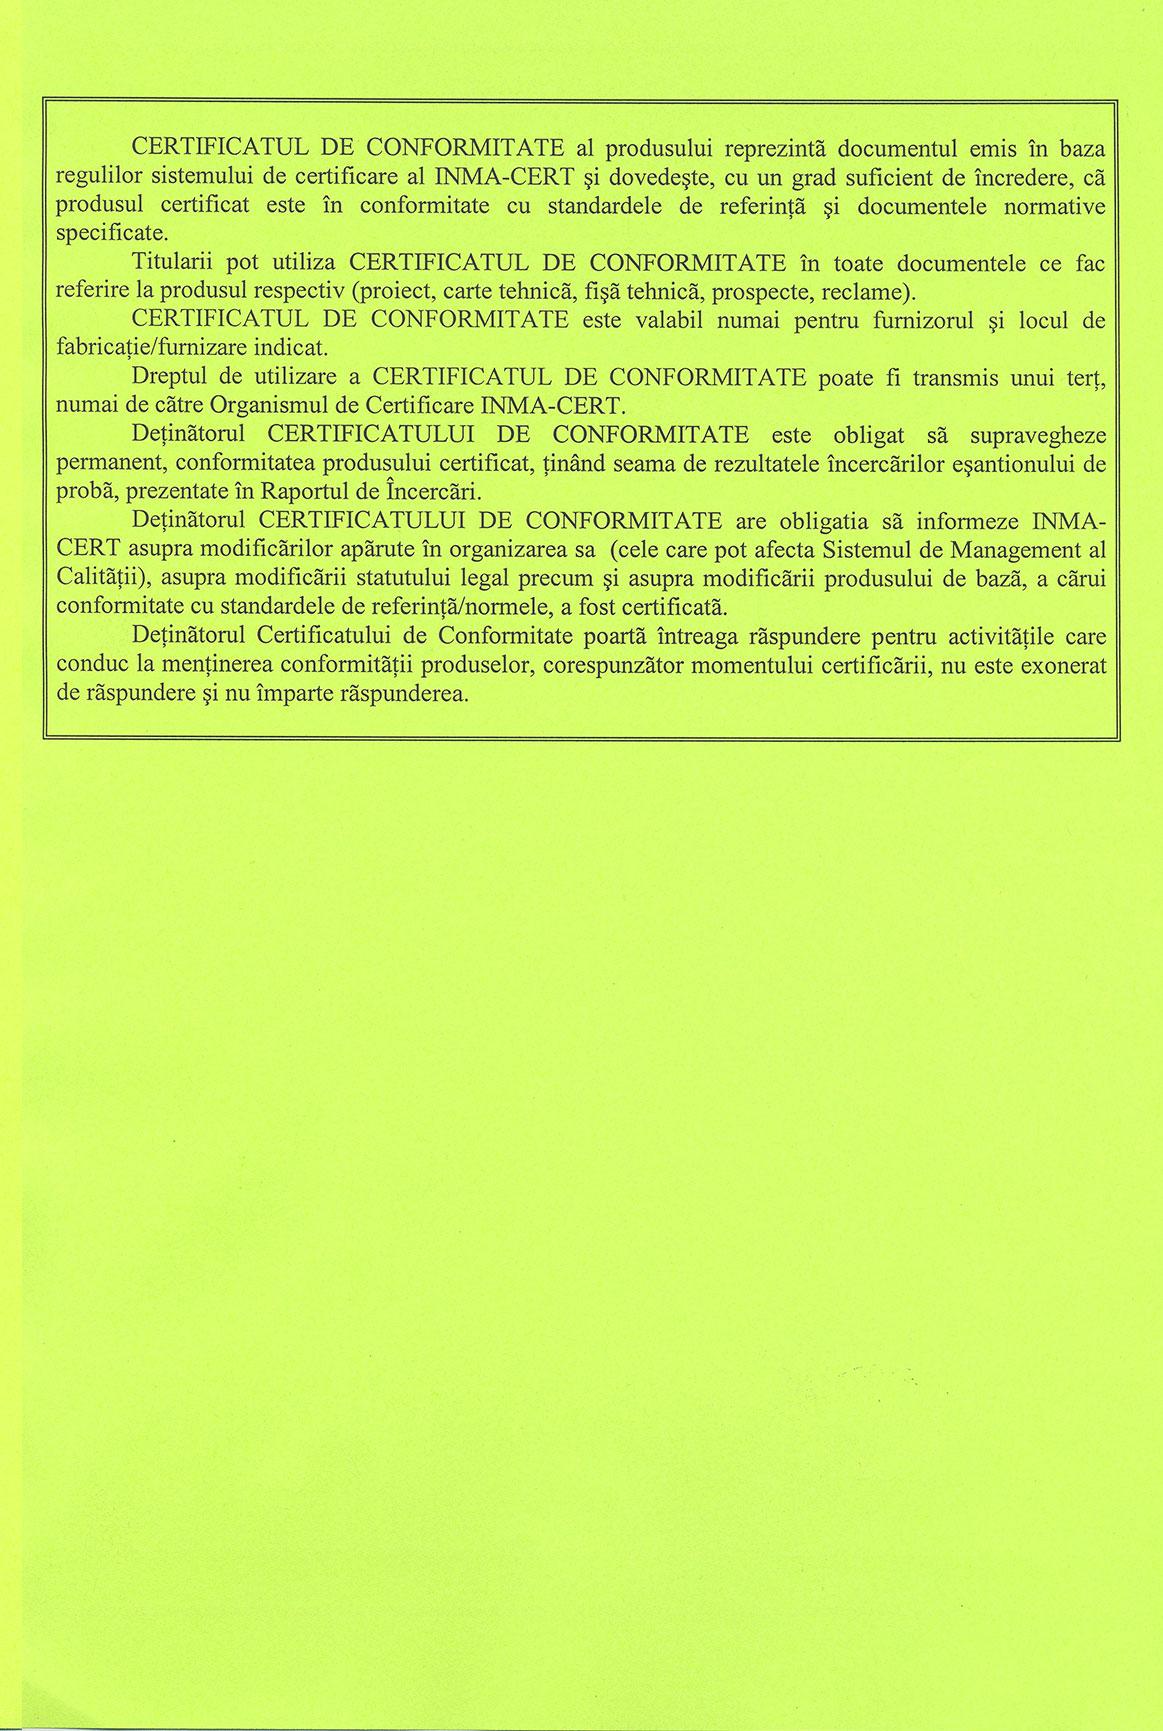 Сертификат CE СЕ для легальной реализации на рынках ЕС сепаратор САД-1, сепаратор САД-4, сепаратор САД-7, сепаратор САД-10-01, сепаратор САД-14, сепаратор САД-30, сепаратор САД-50, сепаратор САД-70, сепаратор САД-150